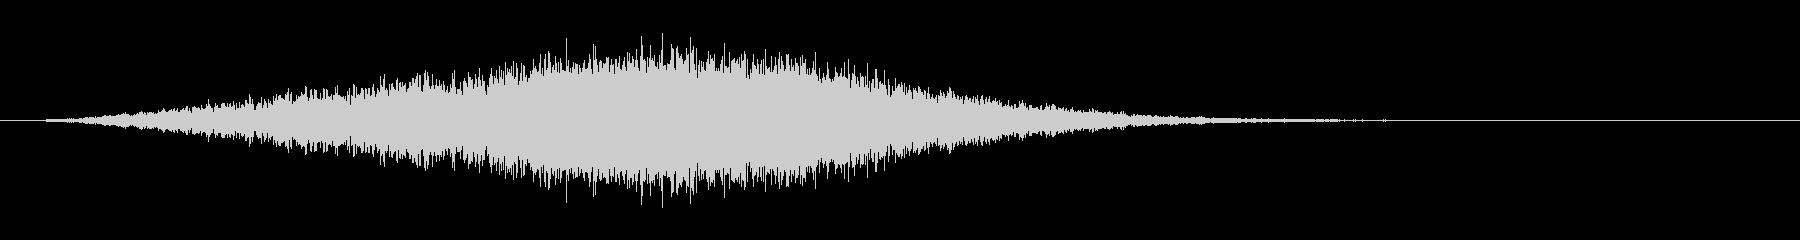 サスペンスフルミュージカルロゴの未再生の波形